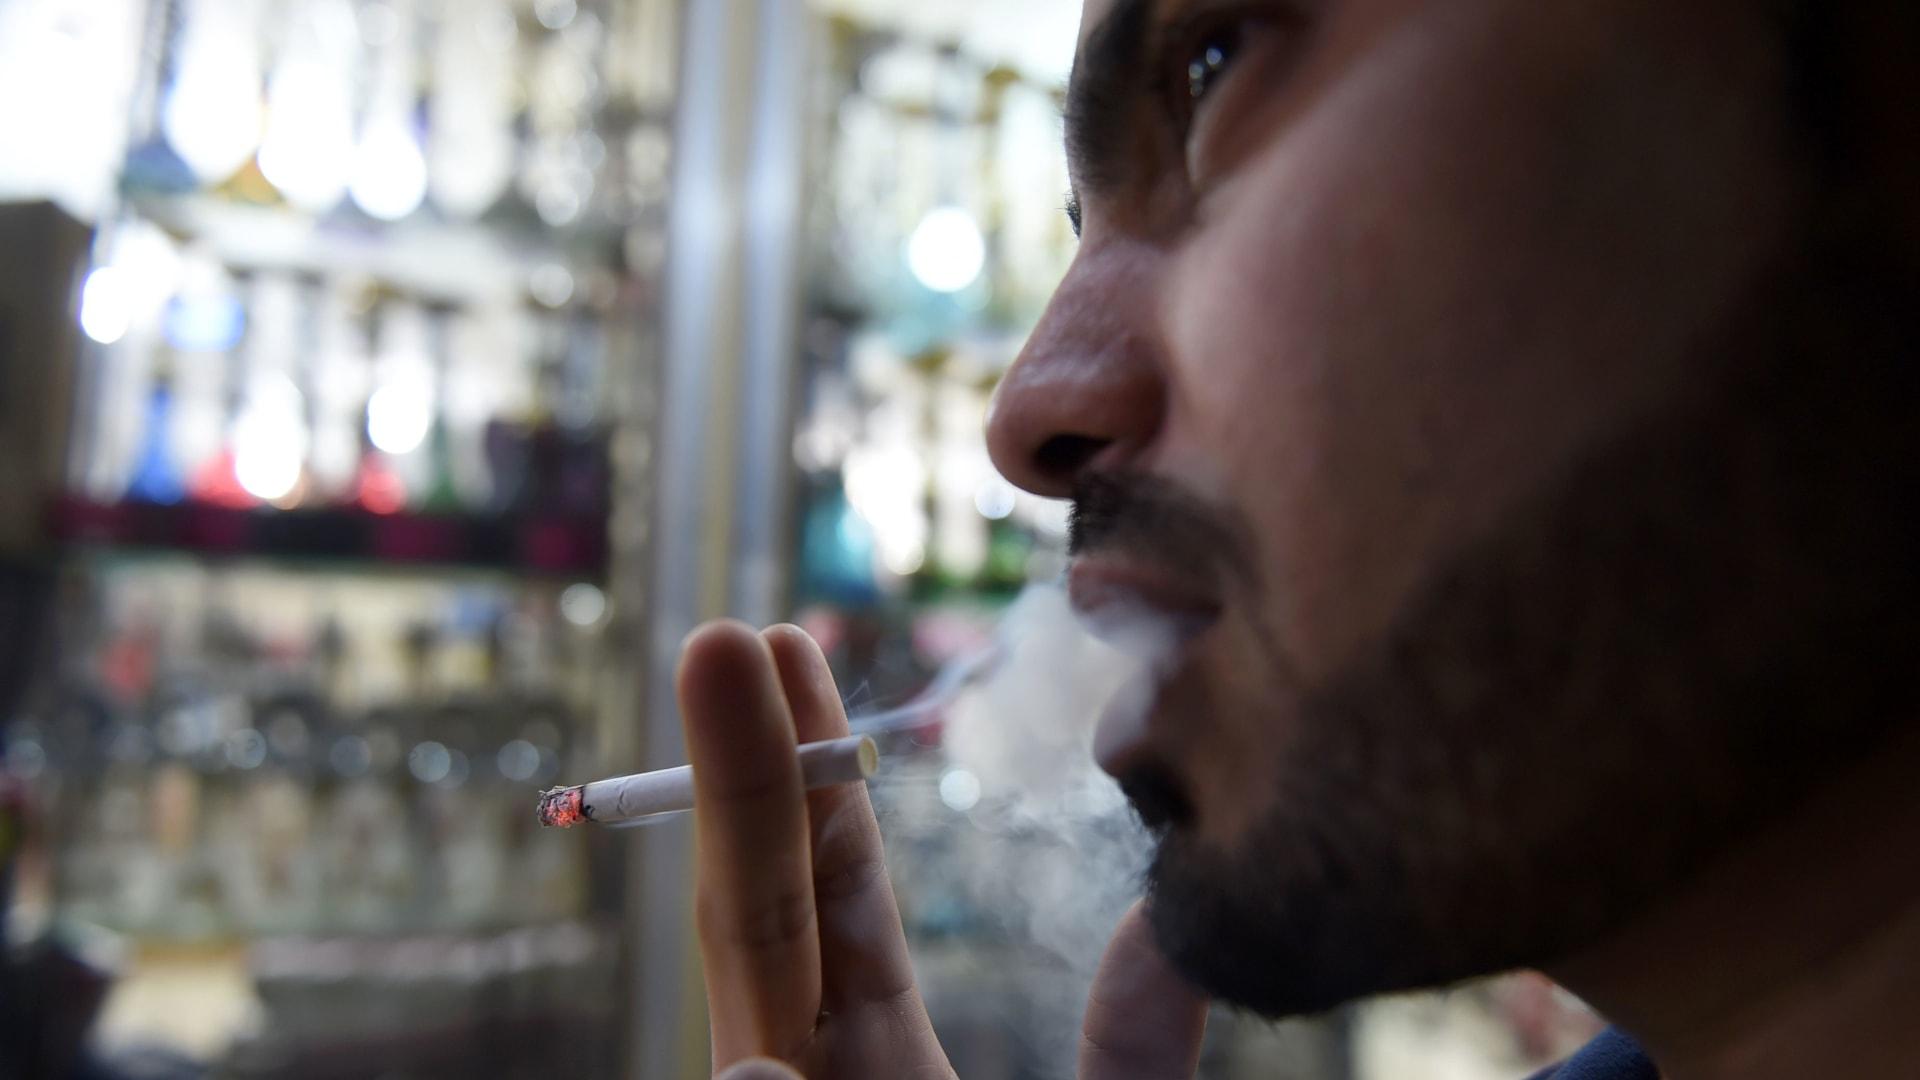 رجل يدخن خارج متجر لبيع التبغ في العاصمة السعودية الرياض في وقت متأخر من يوم 11 يونيو 2017.